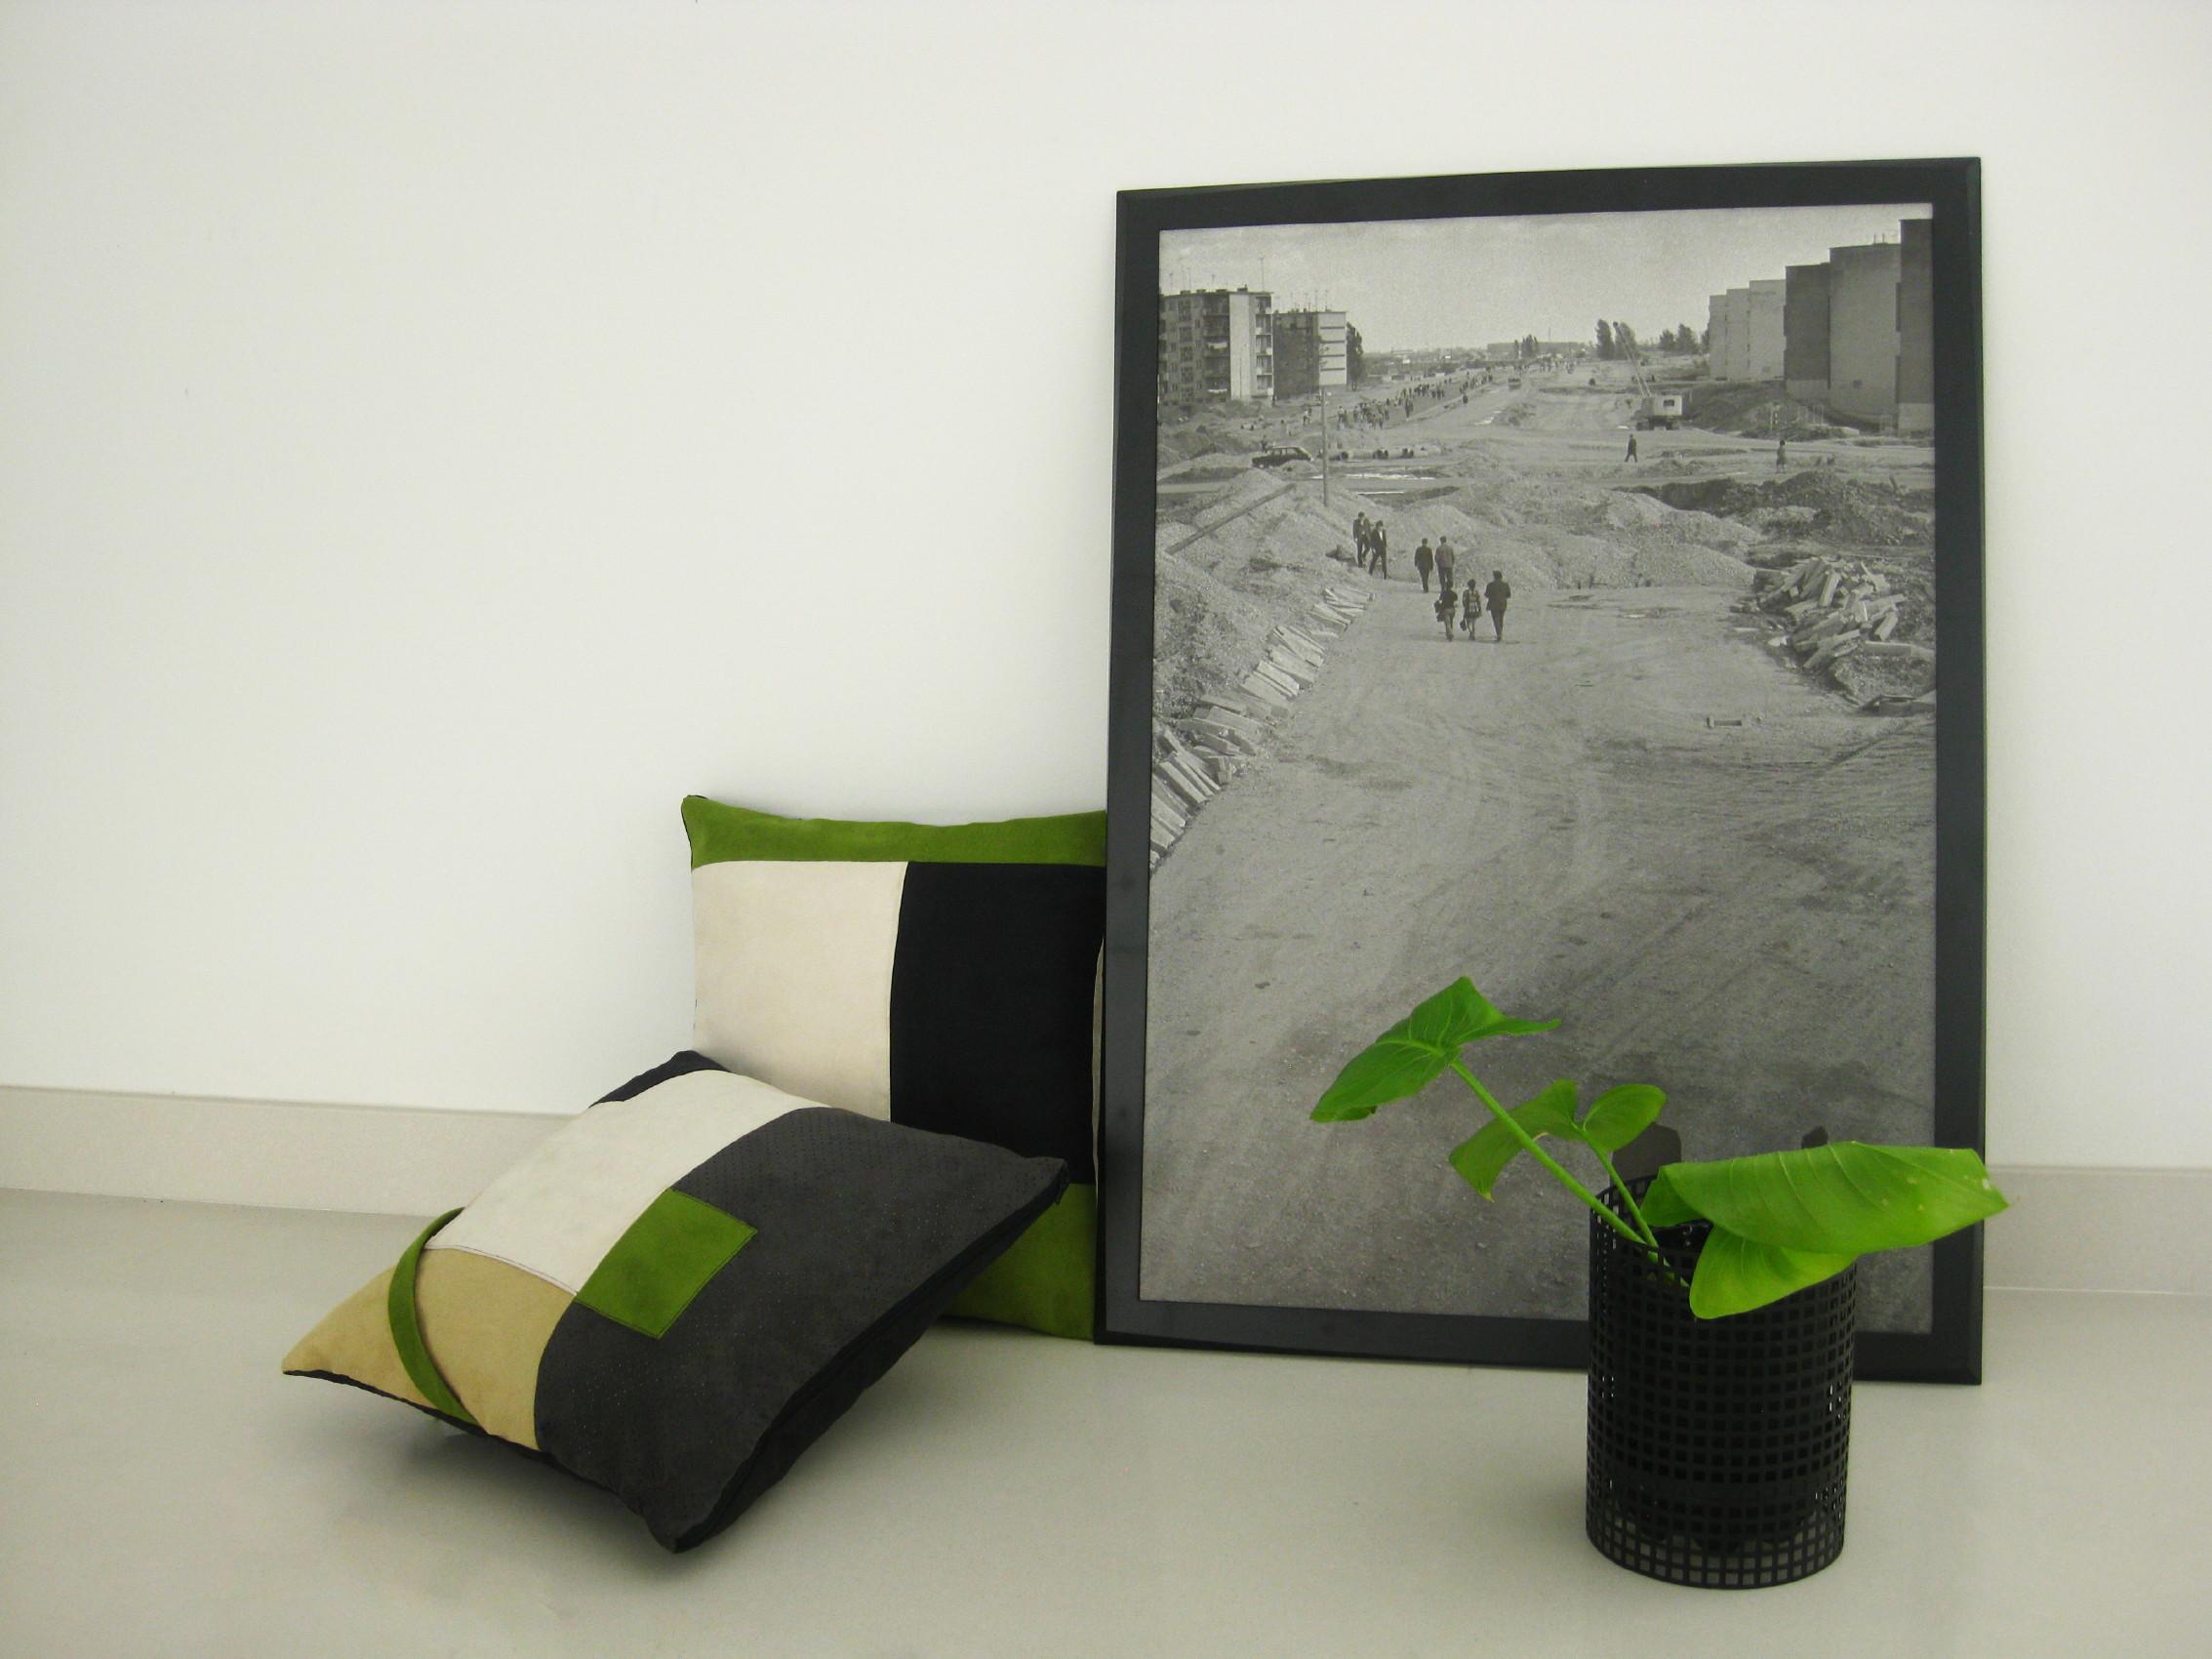 nova-linija-decora-kolekcija-jastuka-modne dizajnerice-marine-prevolsek-7